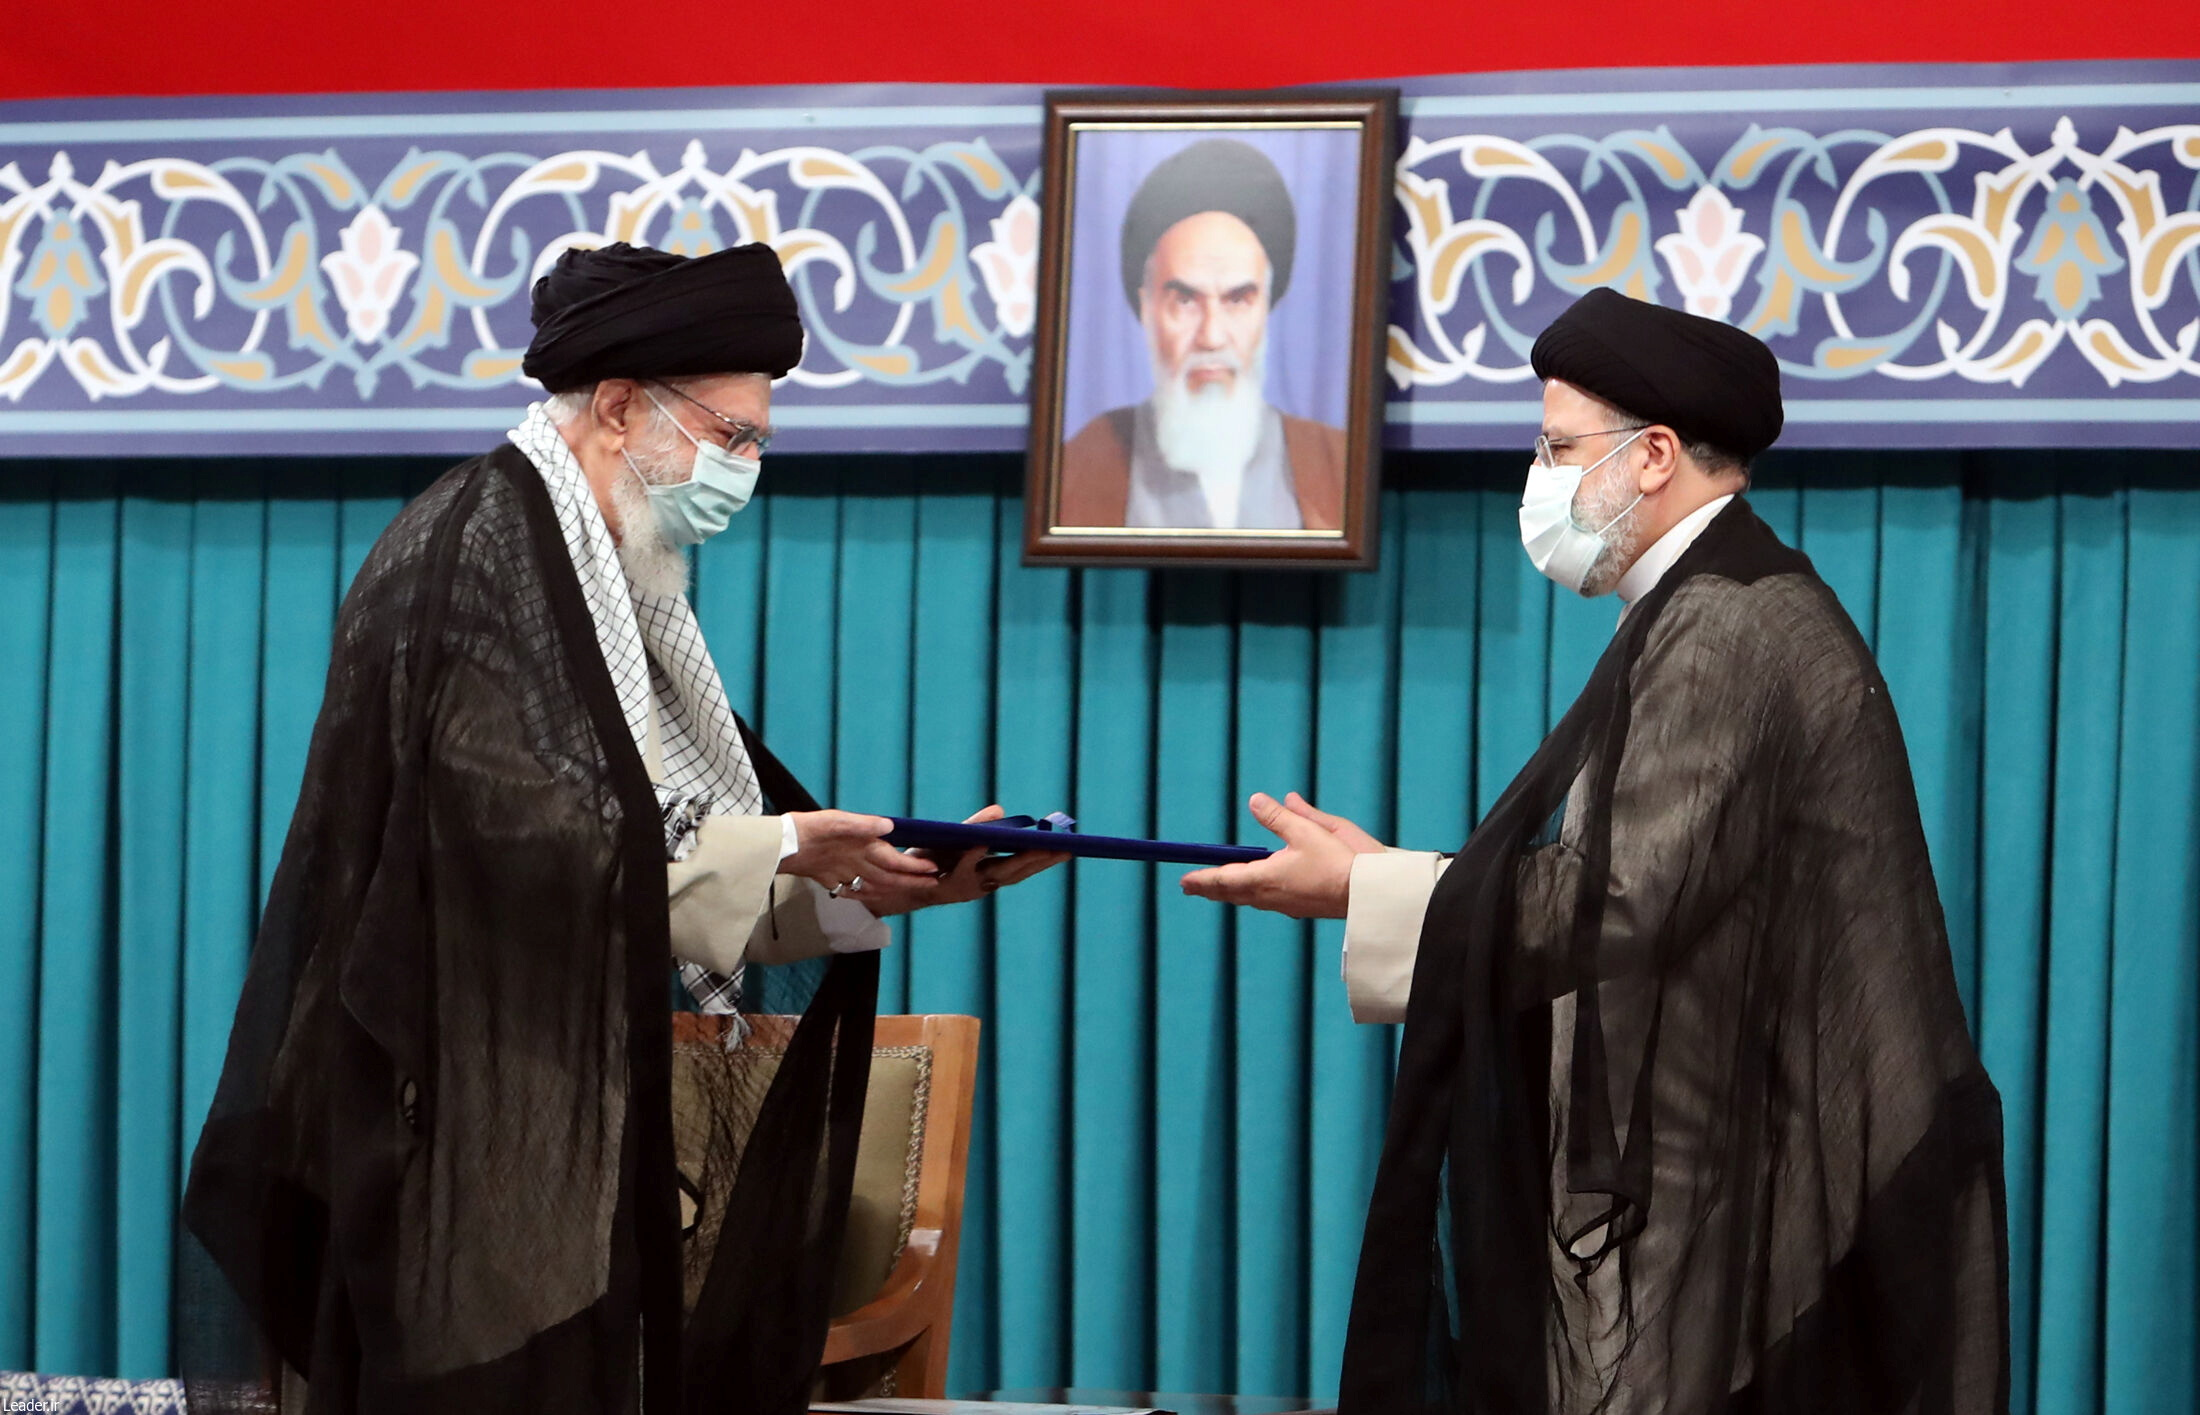 Ιράν: Νέος πρόεδρος ο Εμπραχίμ Ραϊσί